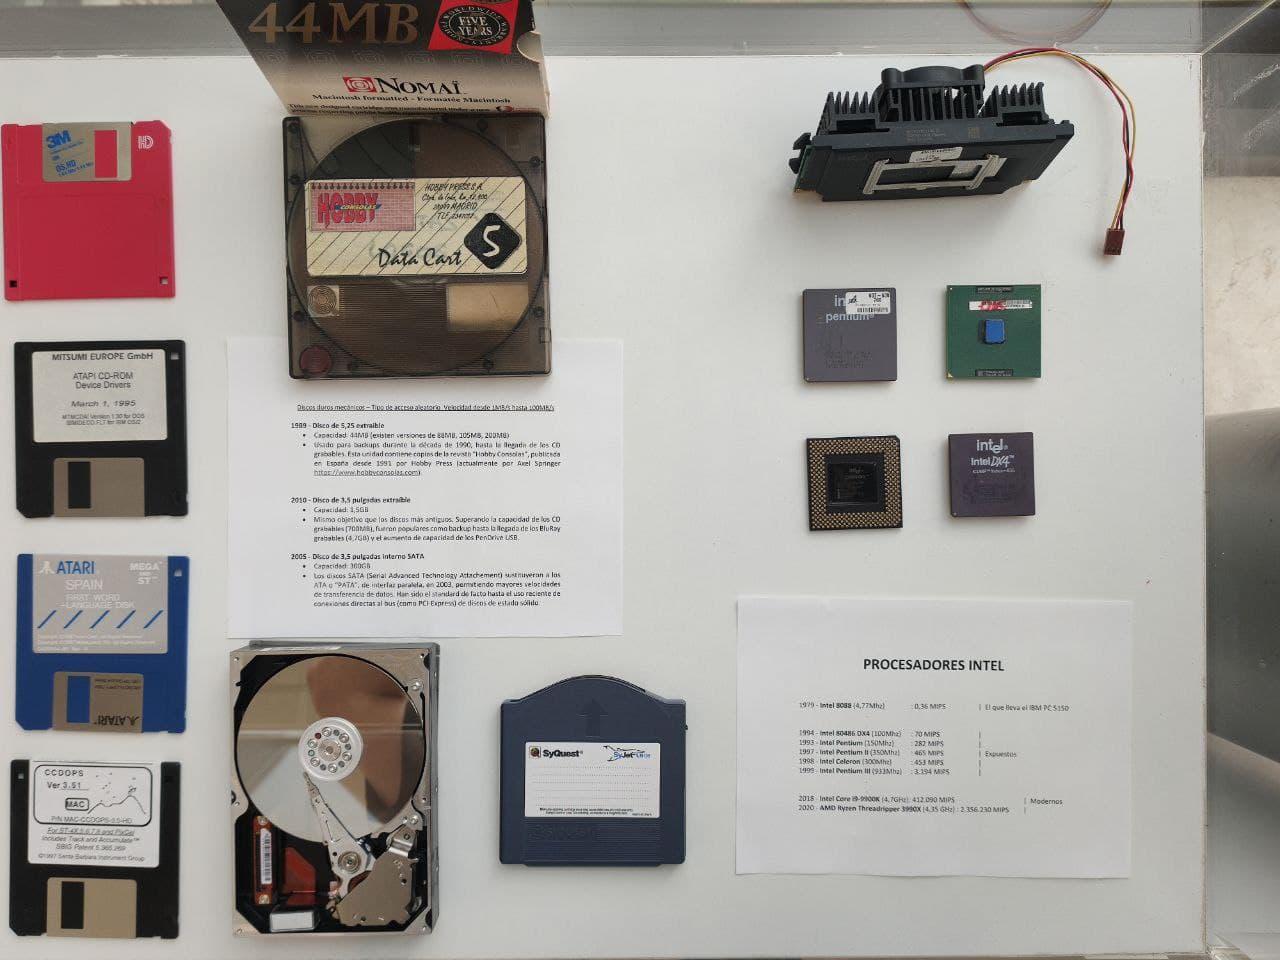 Museo Informática (Procesadores)